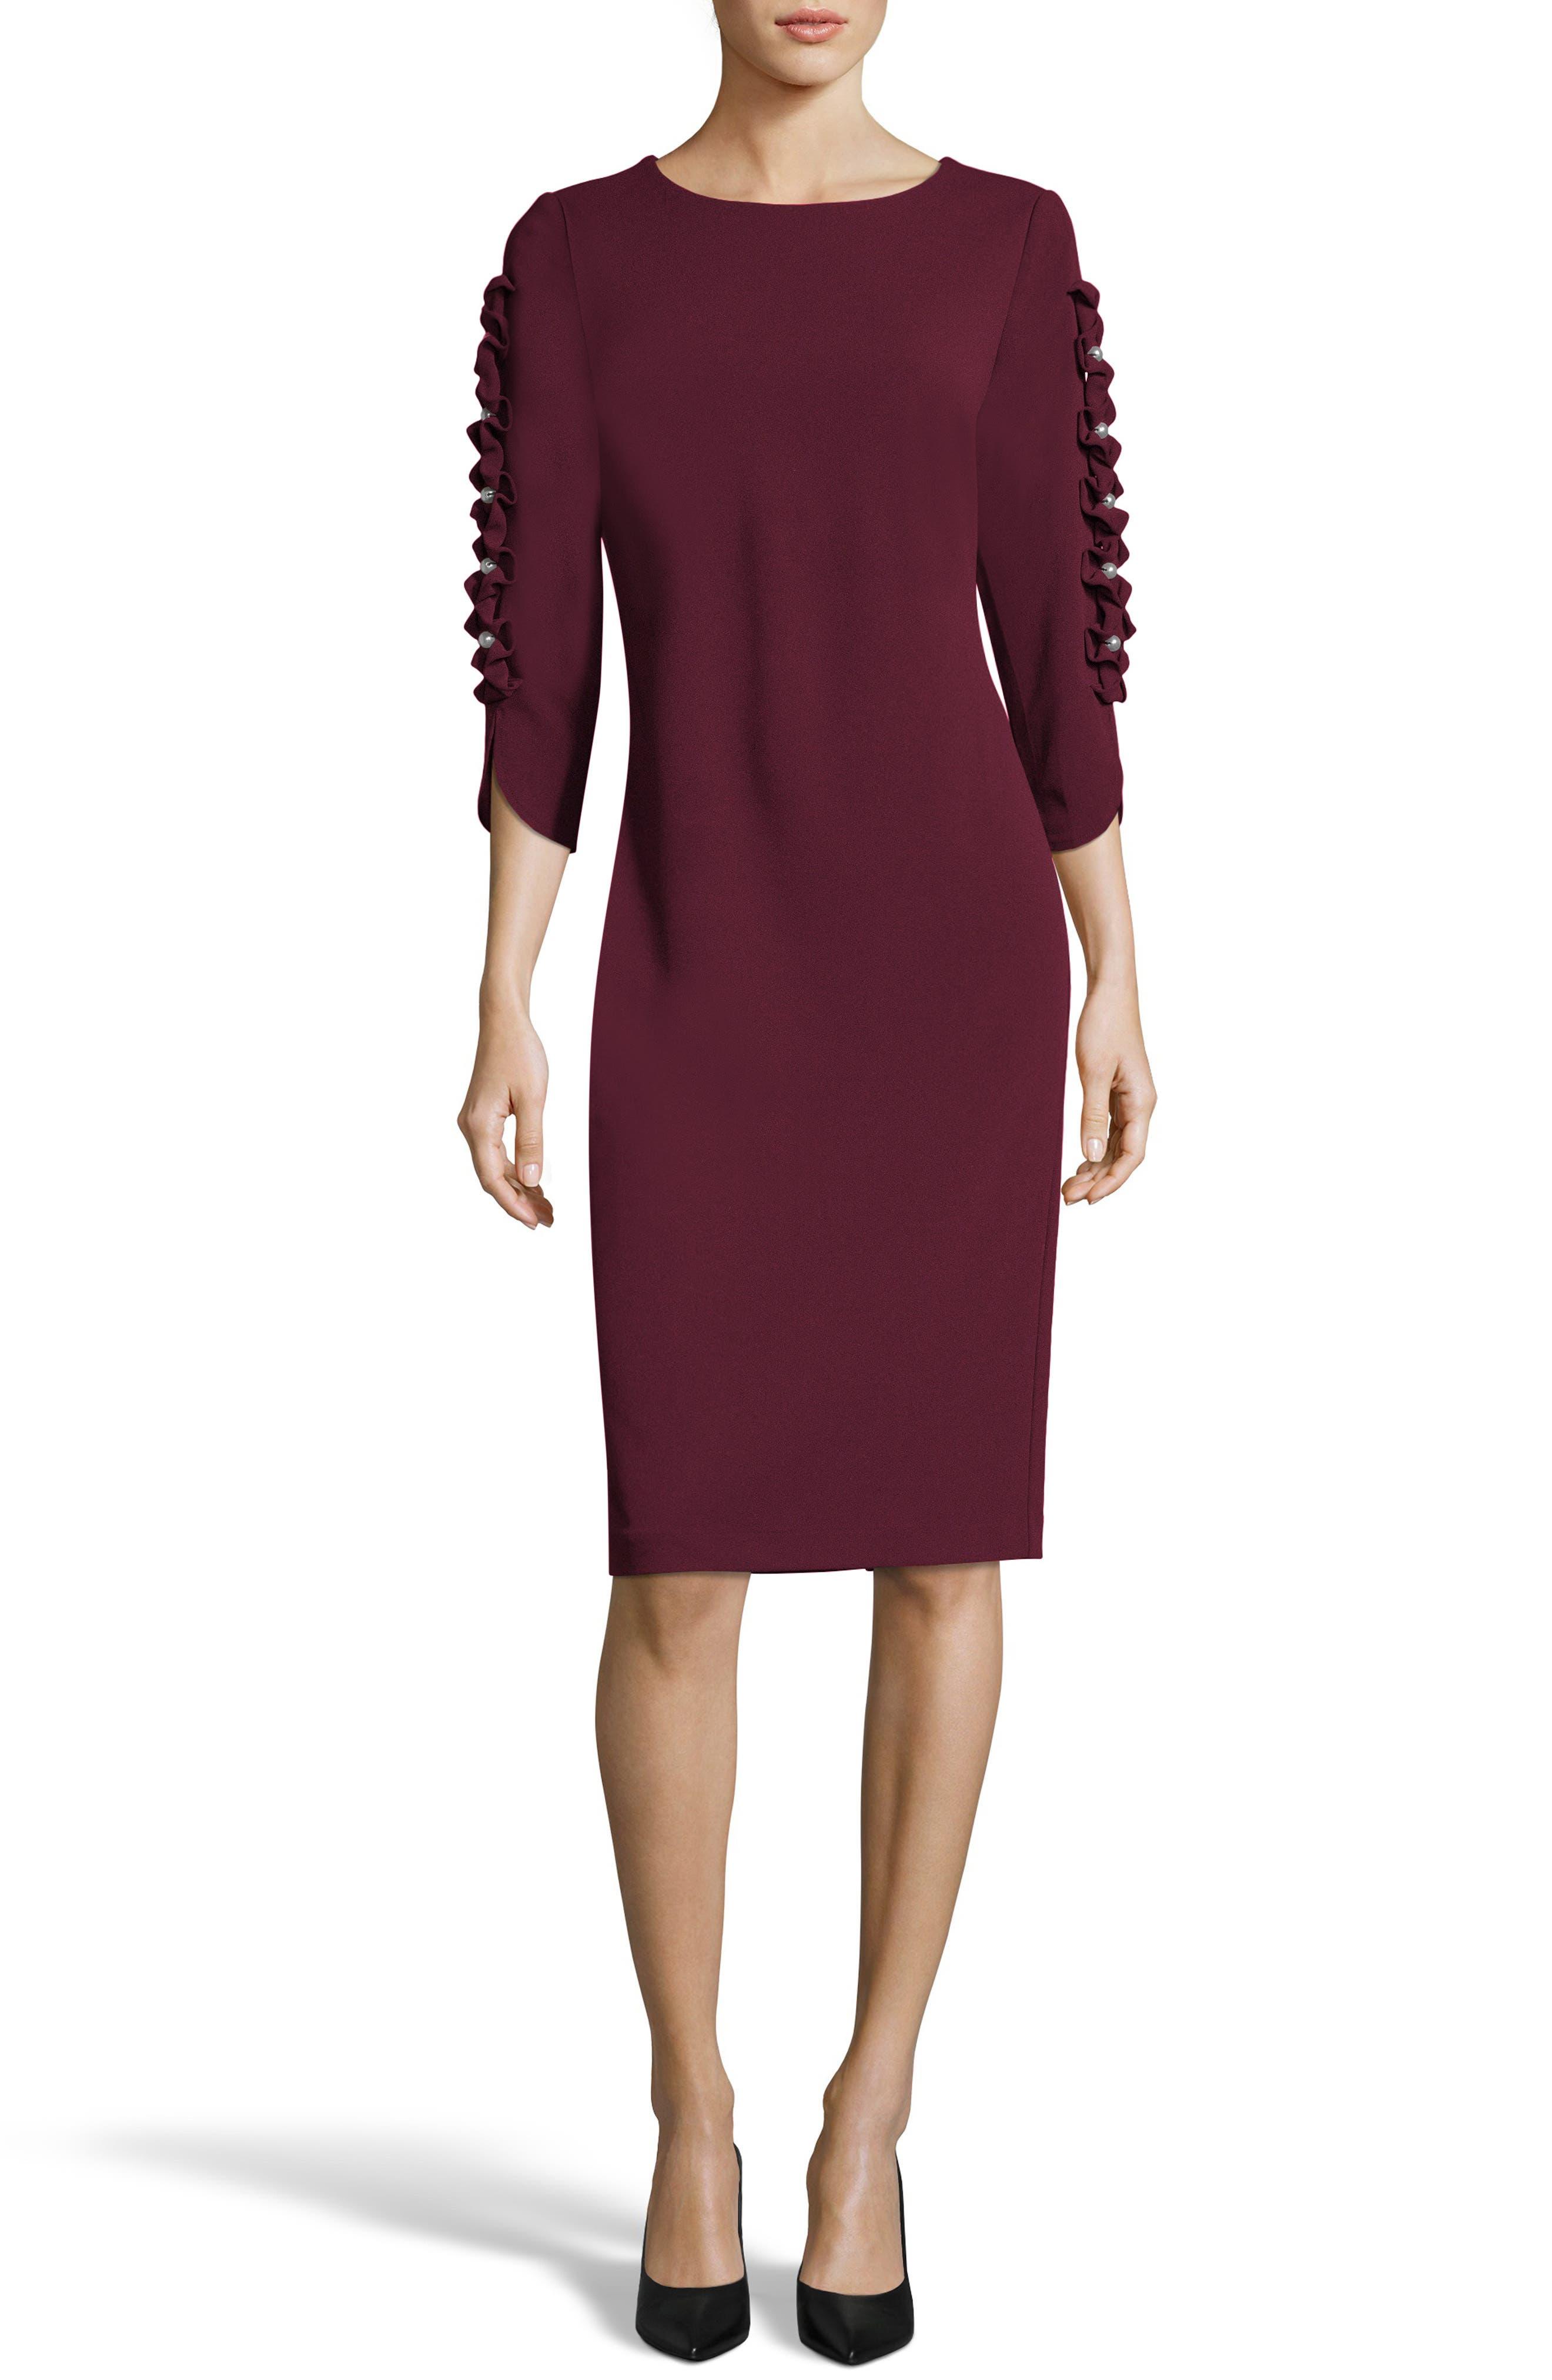 Eci Ruffle Sleeve Sheath Dress, Burgundy